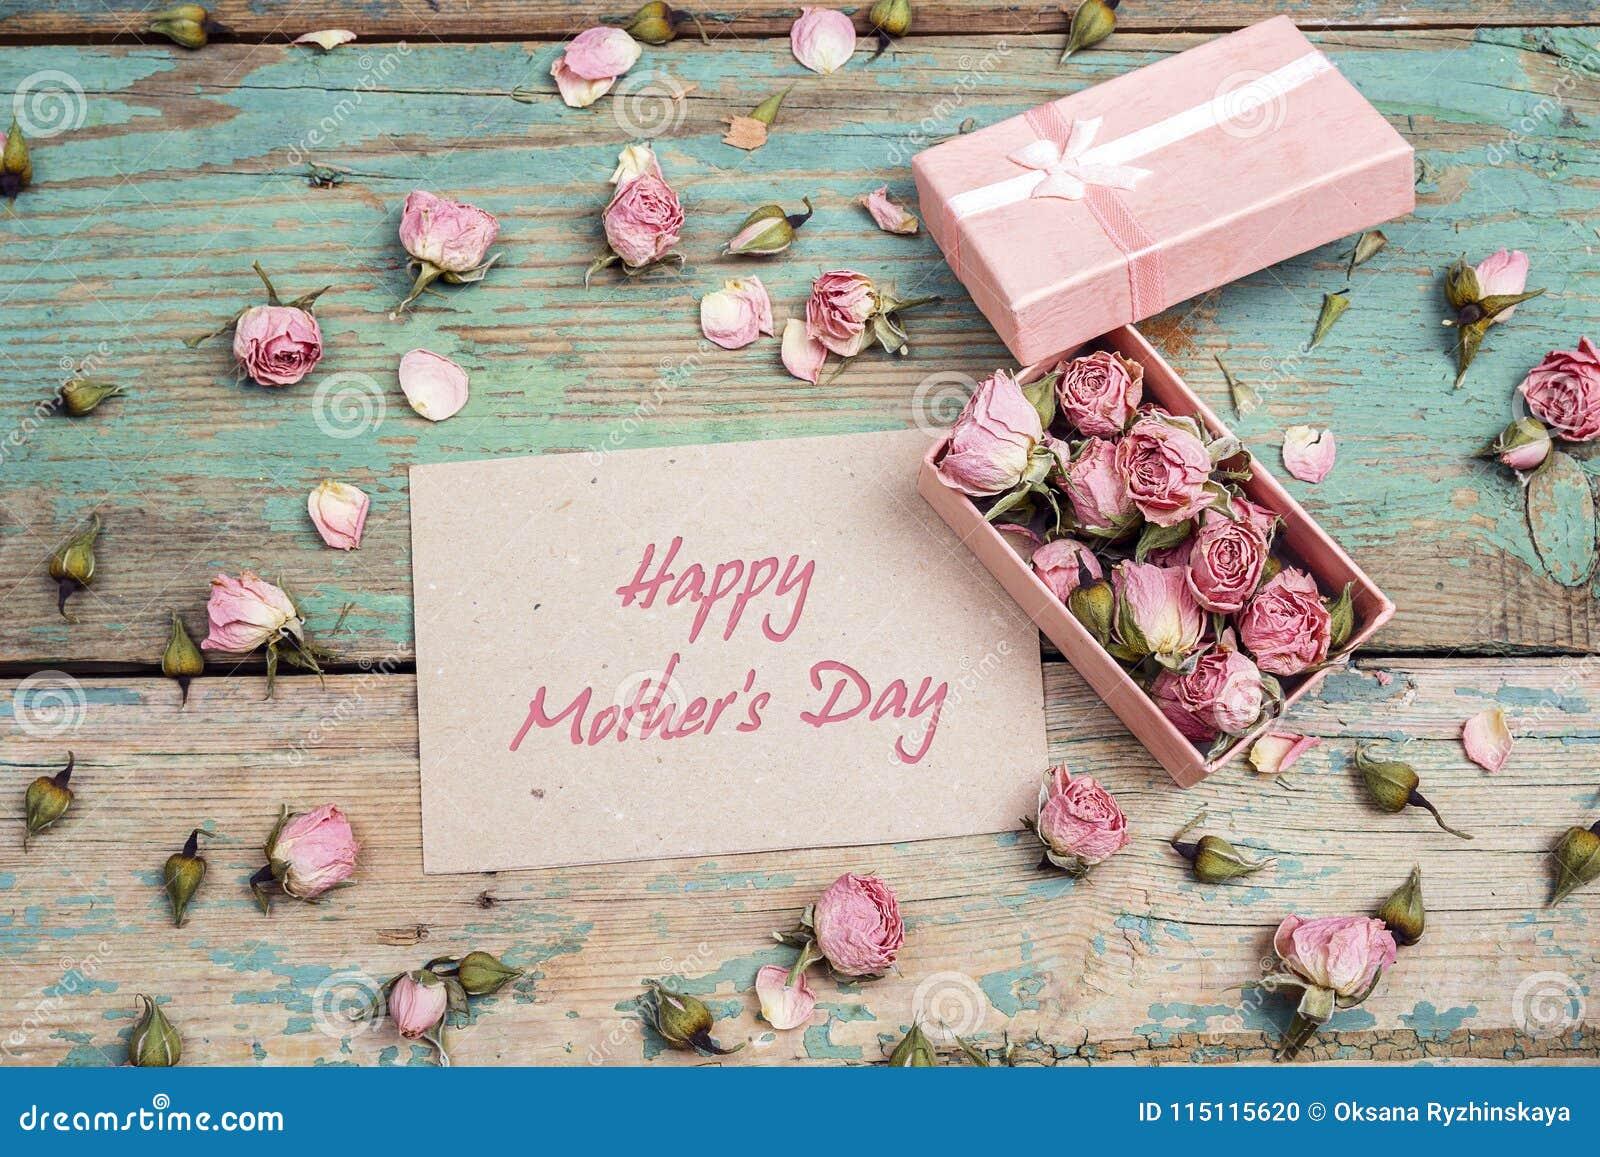 Imagens De Cumprimento: Mensagem Do Cumprimento Do Dia De Mães Com As Rosas Cor-de